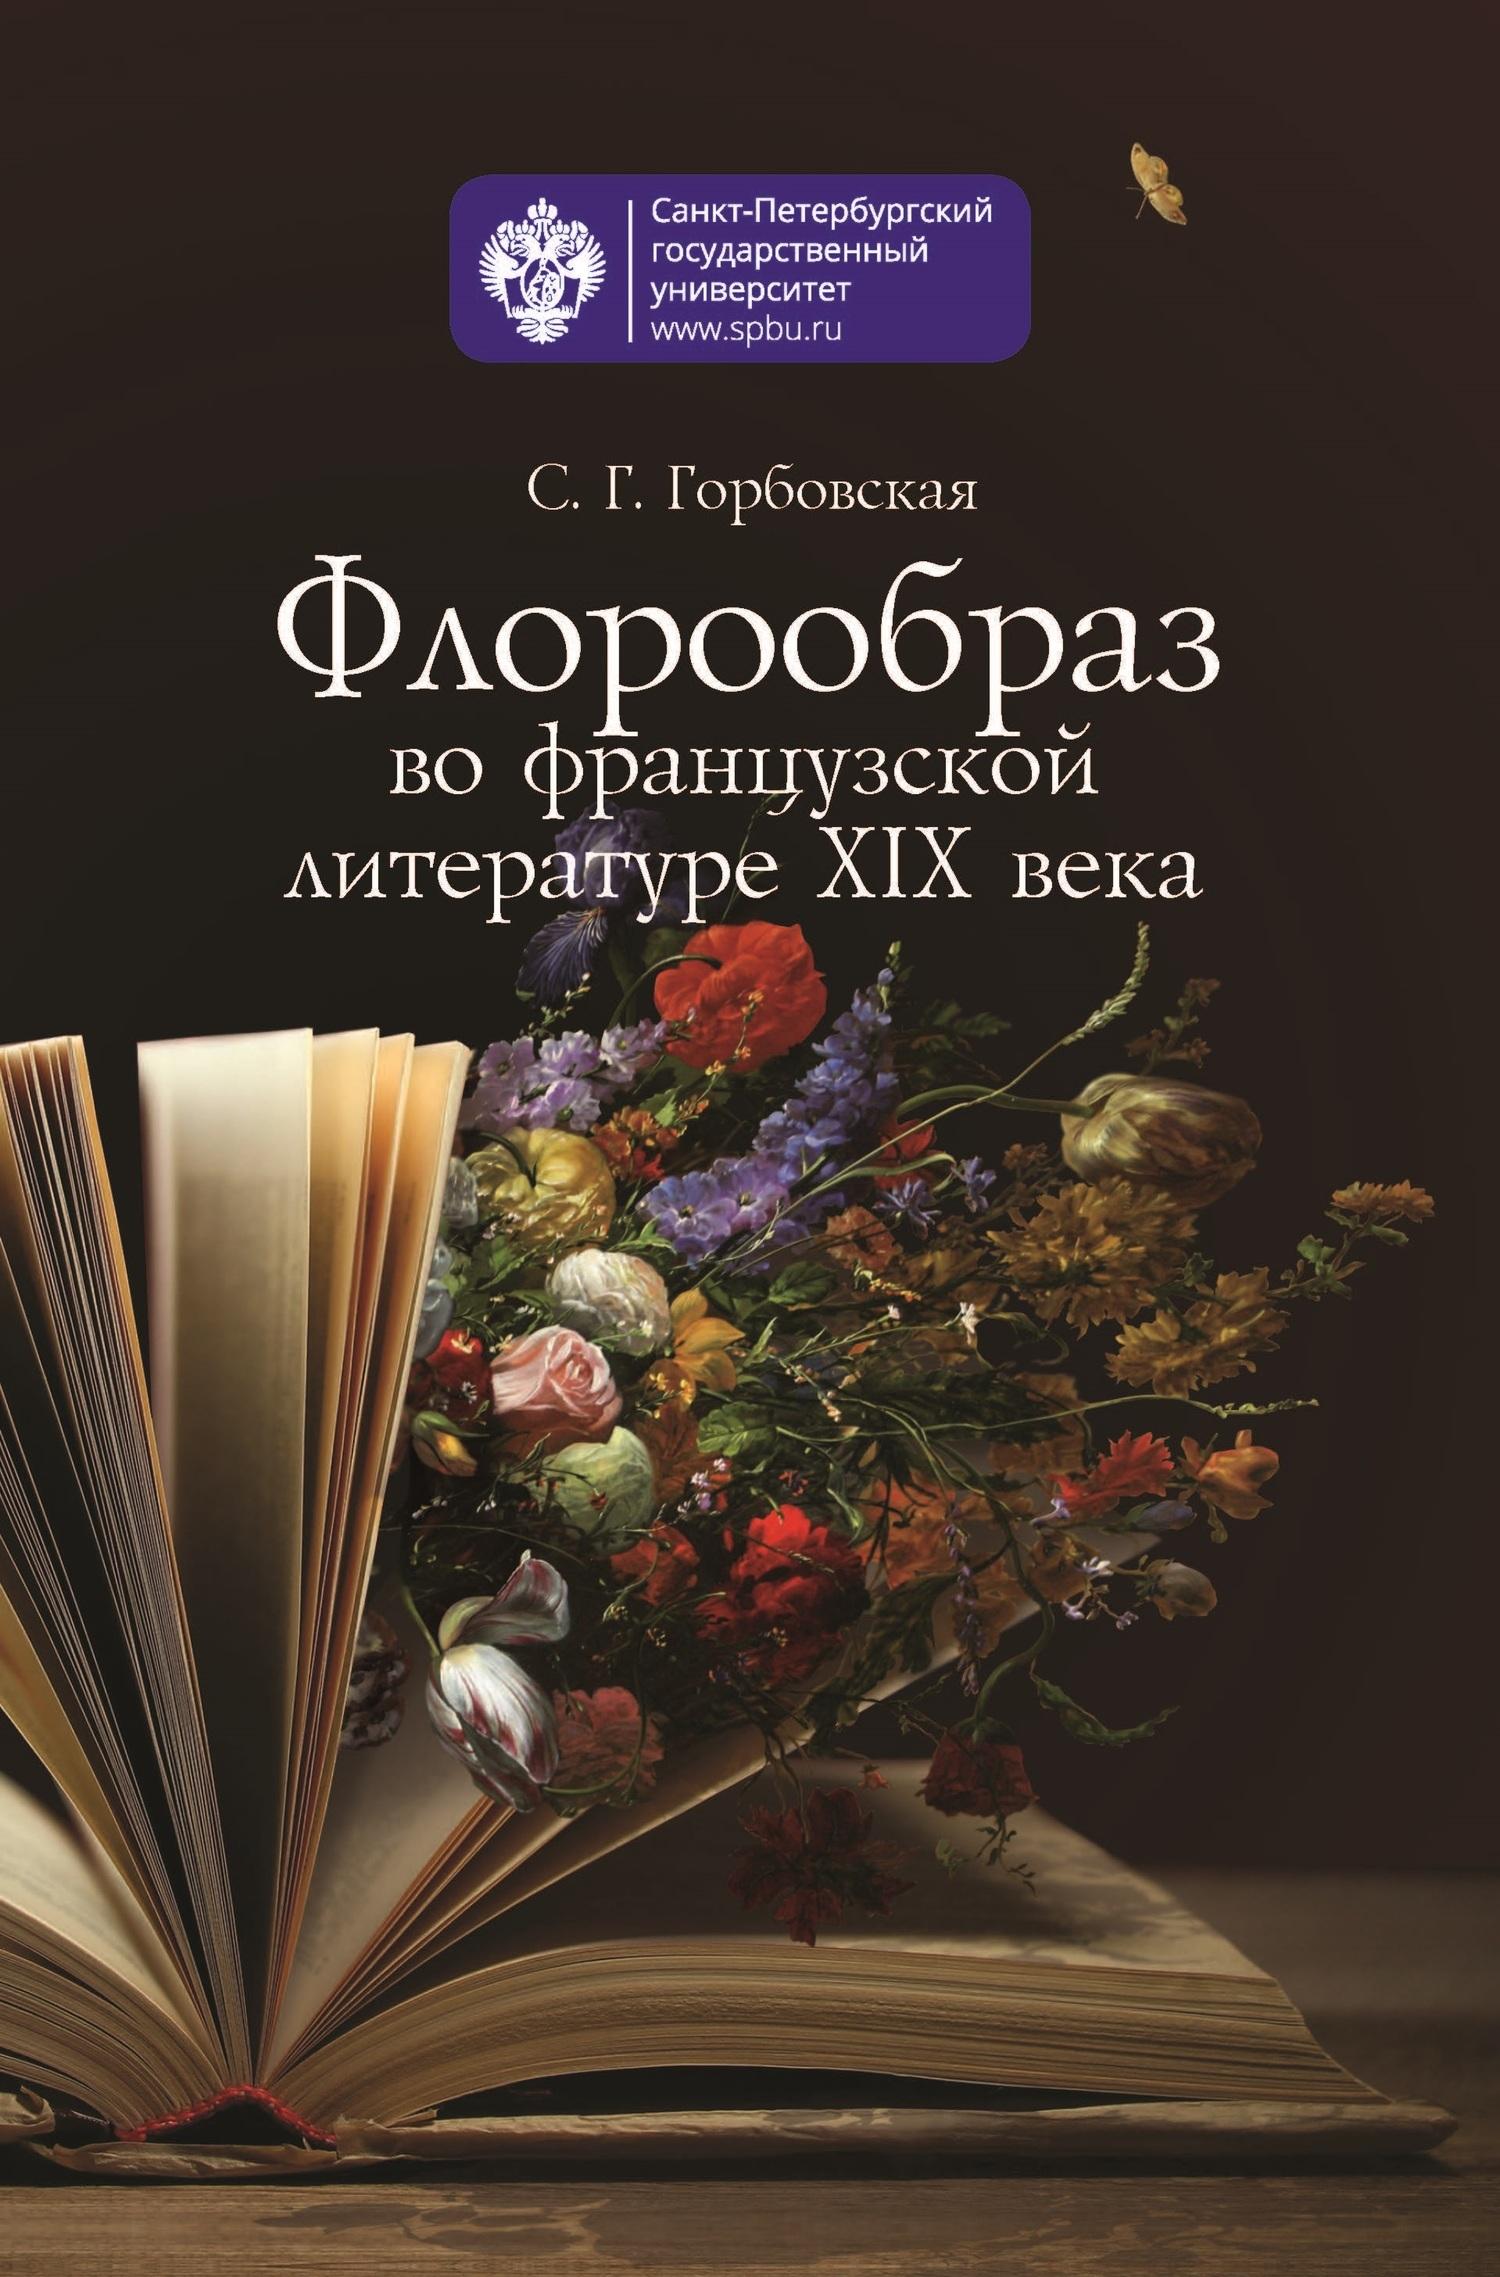 Светлана Горбовская - Флорообраз во французской литературе XIX века